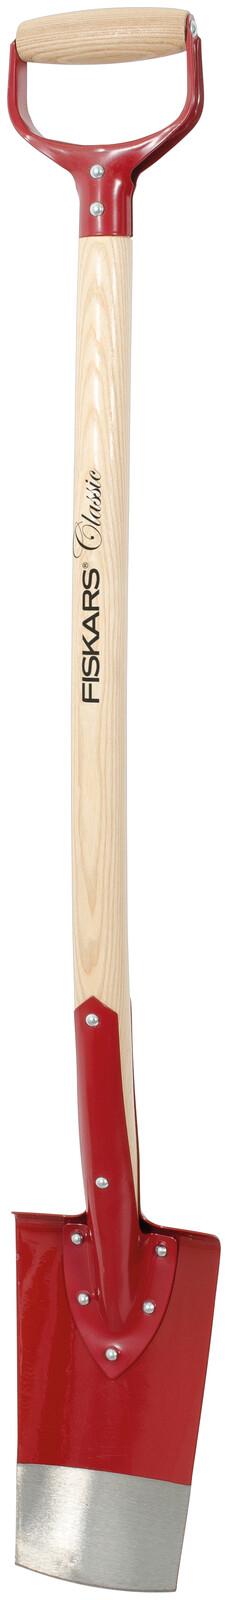 Fiskars Лопата Classic FSC, 105 см, 1900г